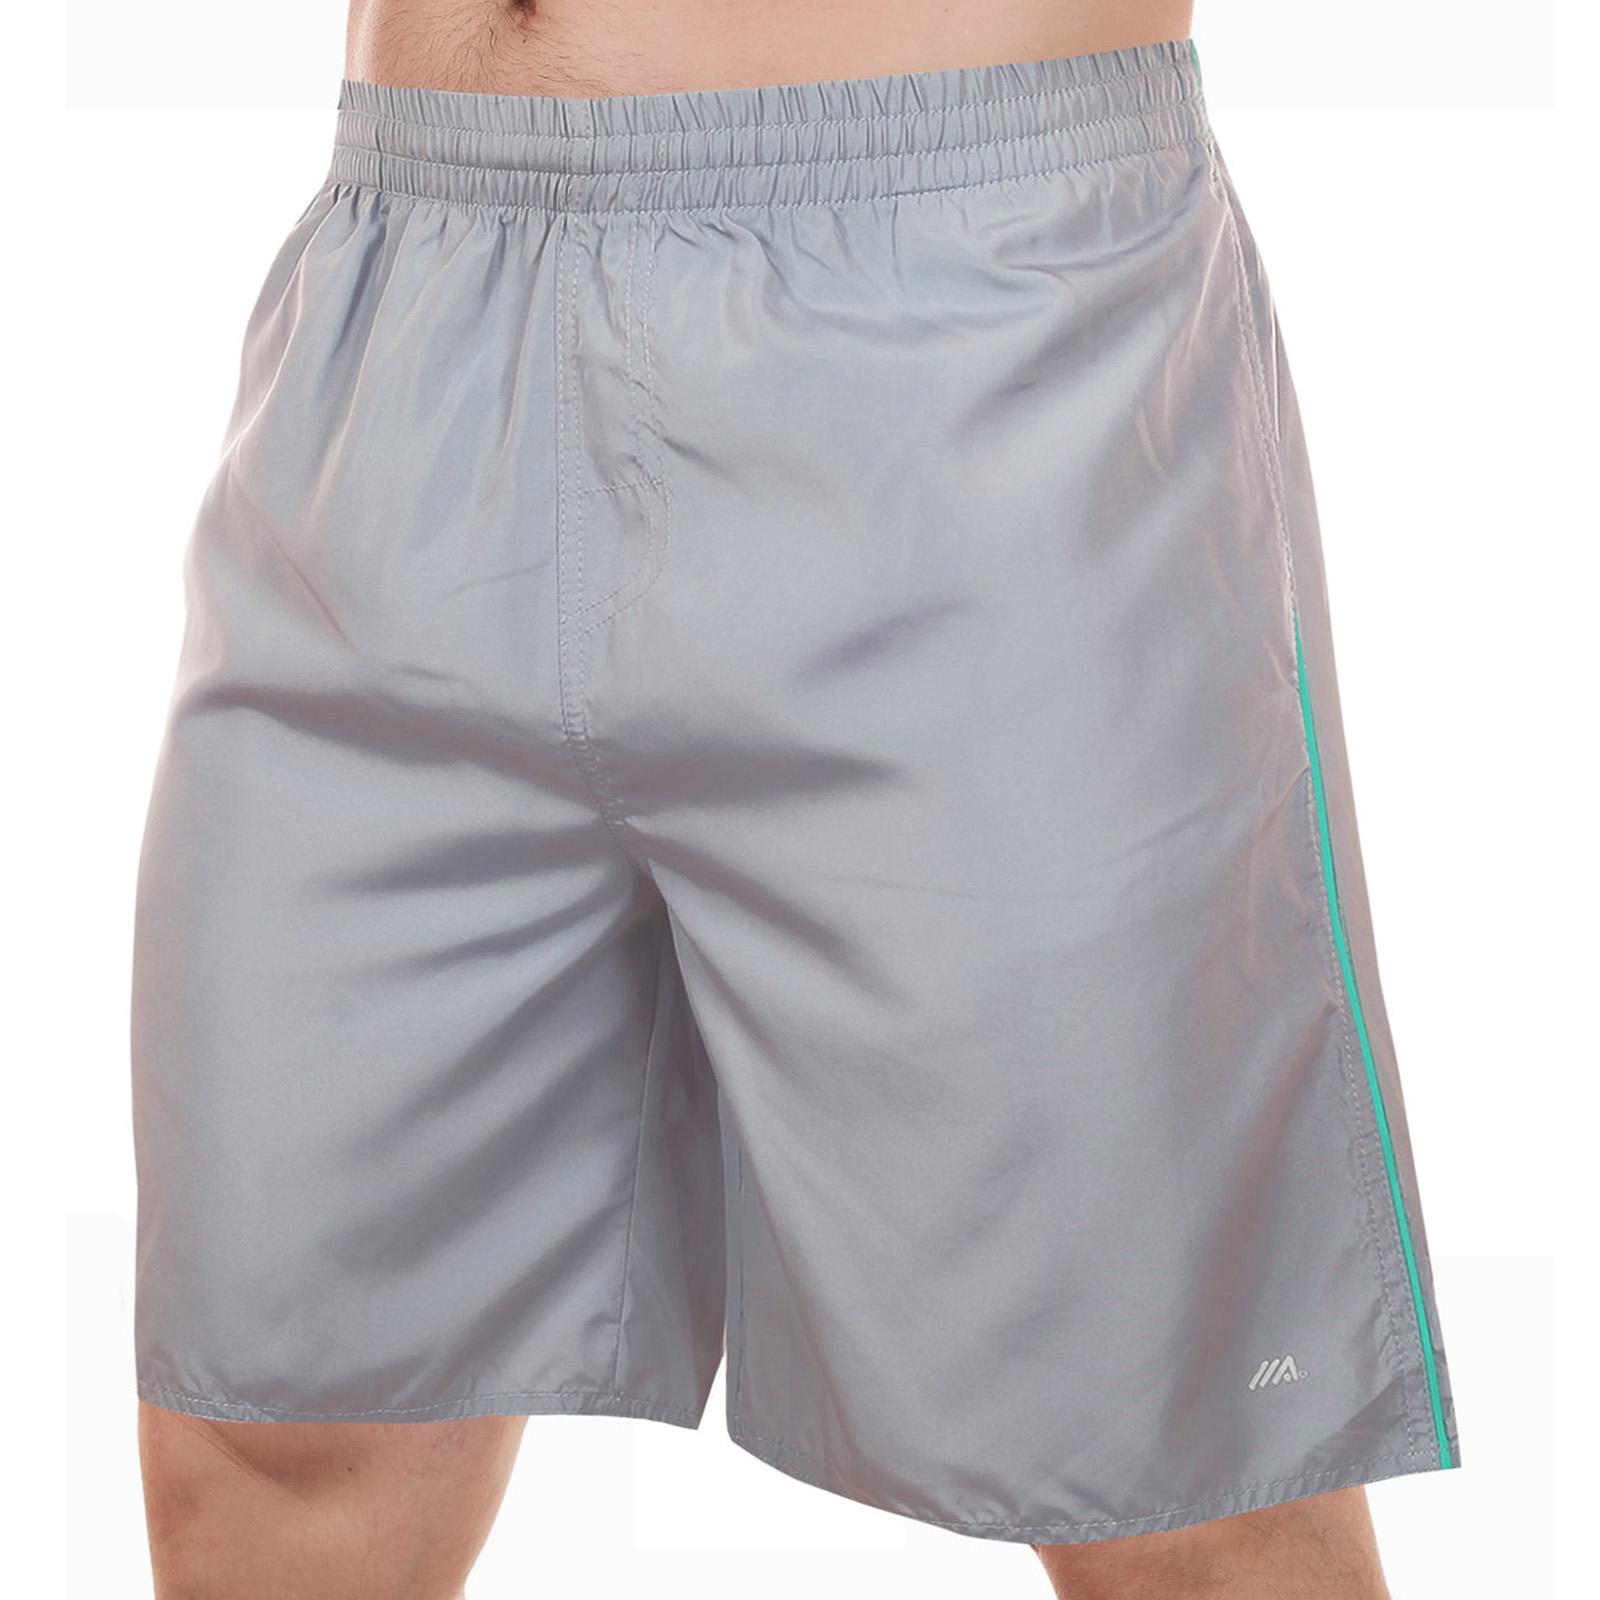 Лучшие летние мужские шорты от MACE (Канада). Братан, забей стрелку на пляже!